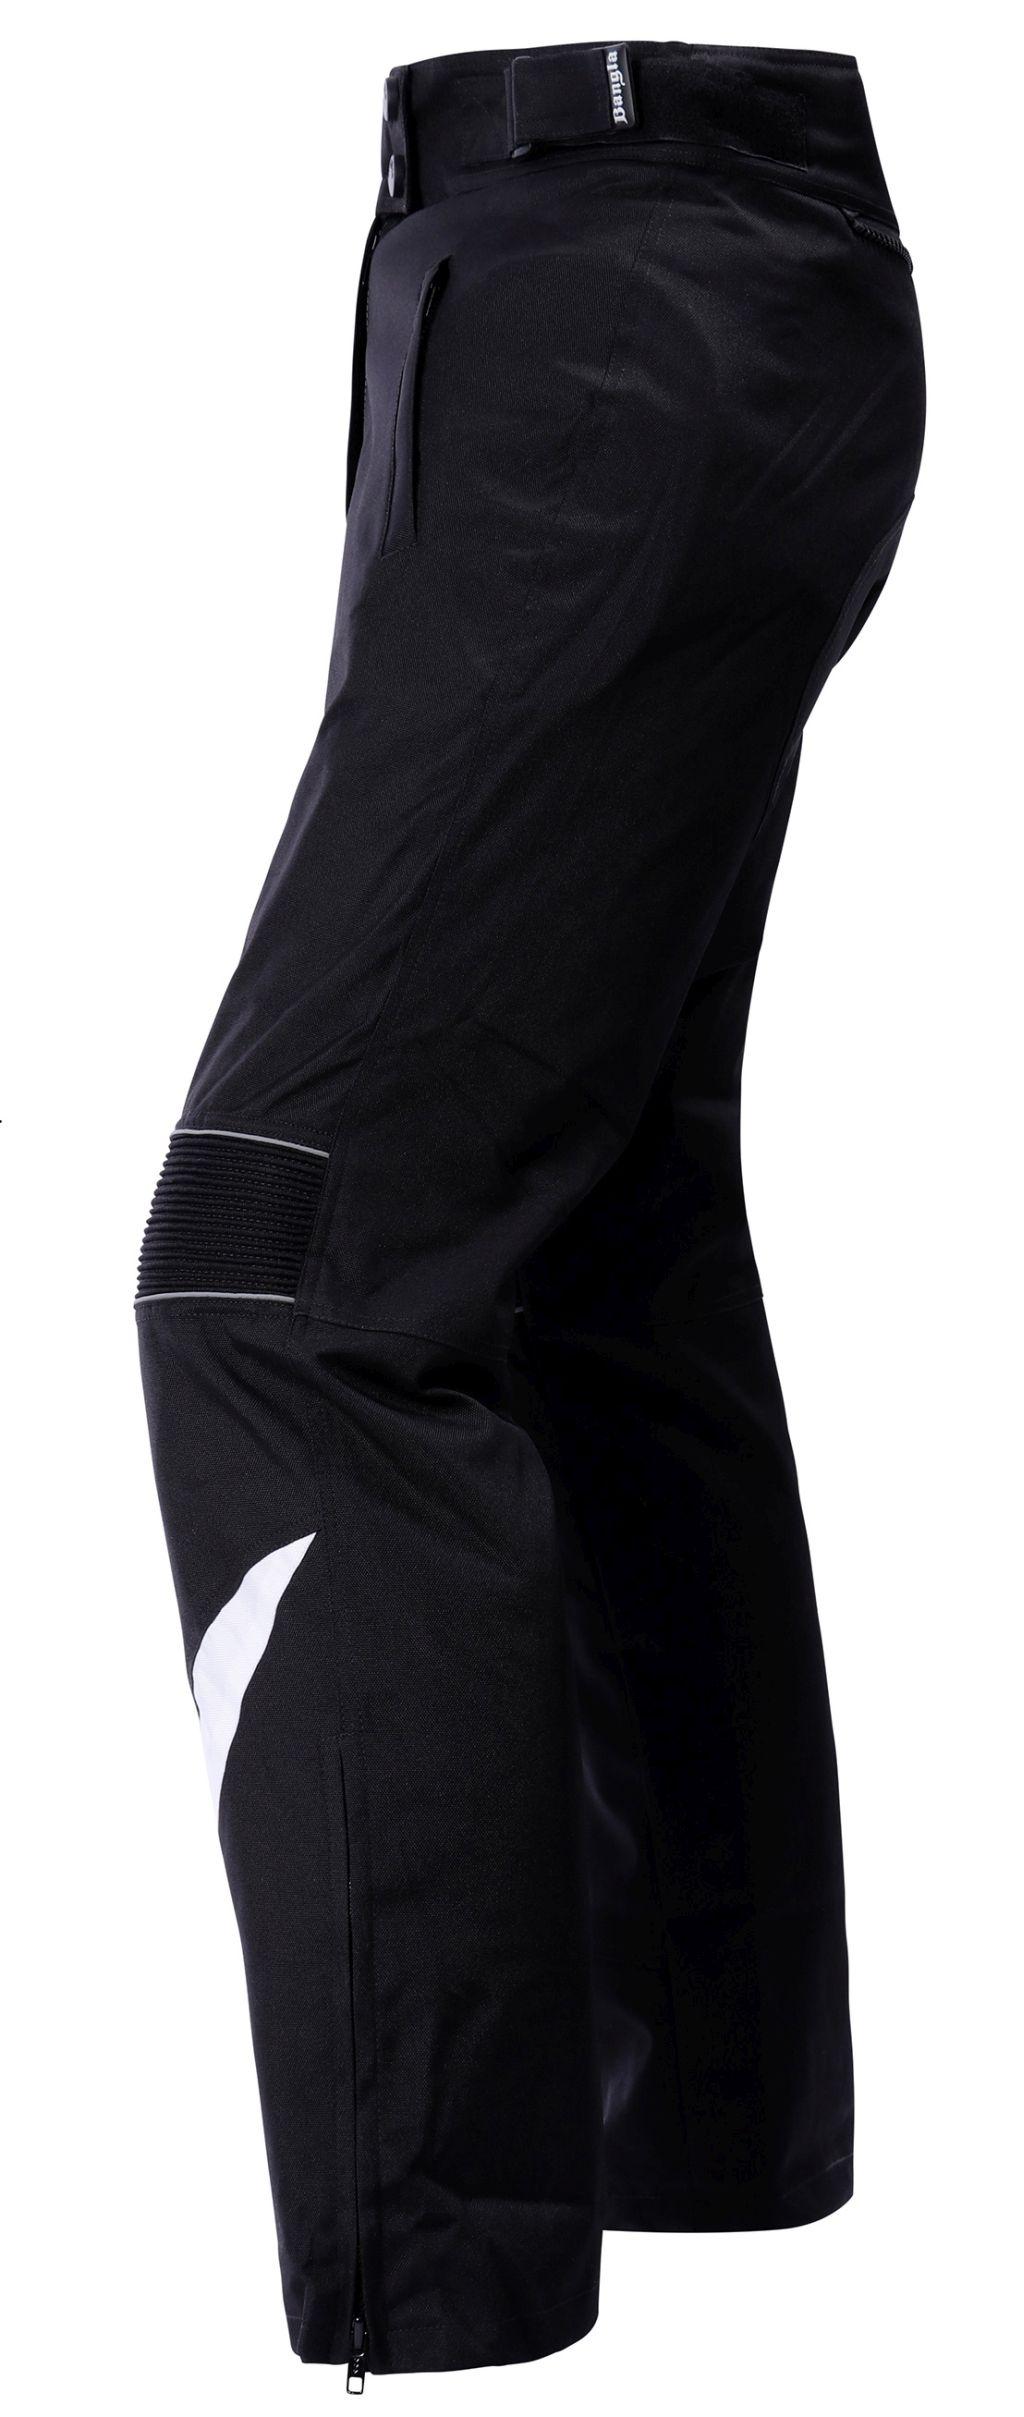 Damen Motorradhose Cordura Textil Schwarz mit weiss Bangla 1721 S-4 XL